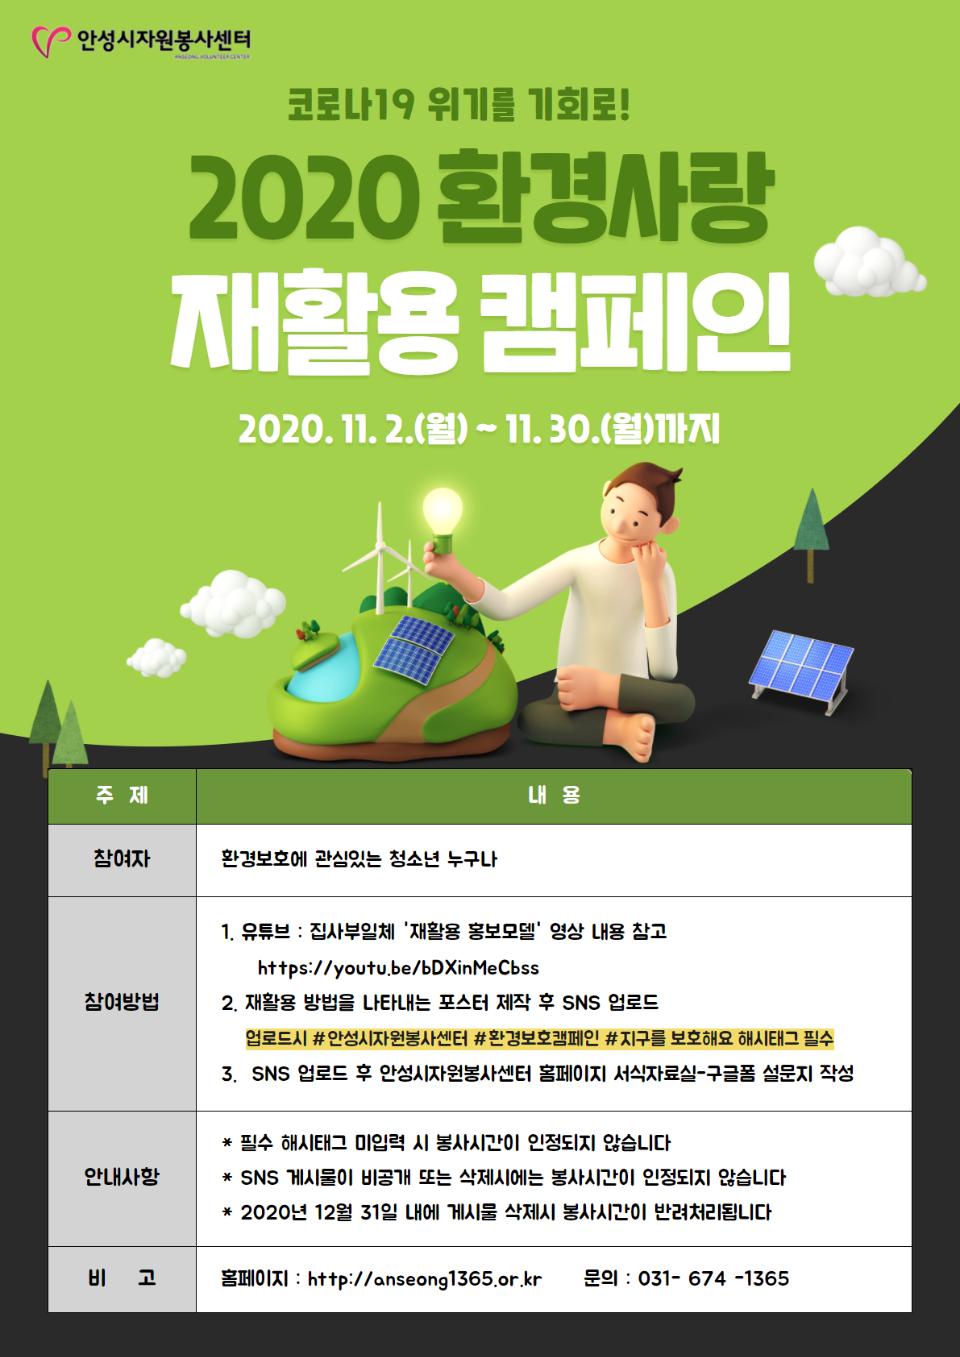 2020+환경보호+재활용+캠페인 (1).png